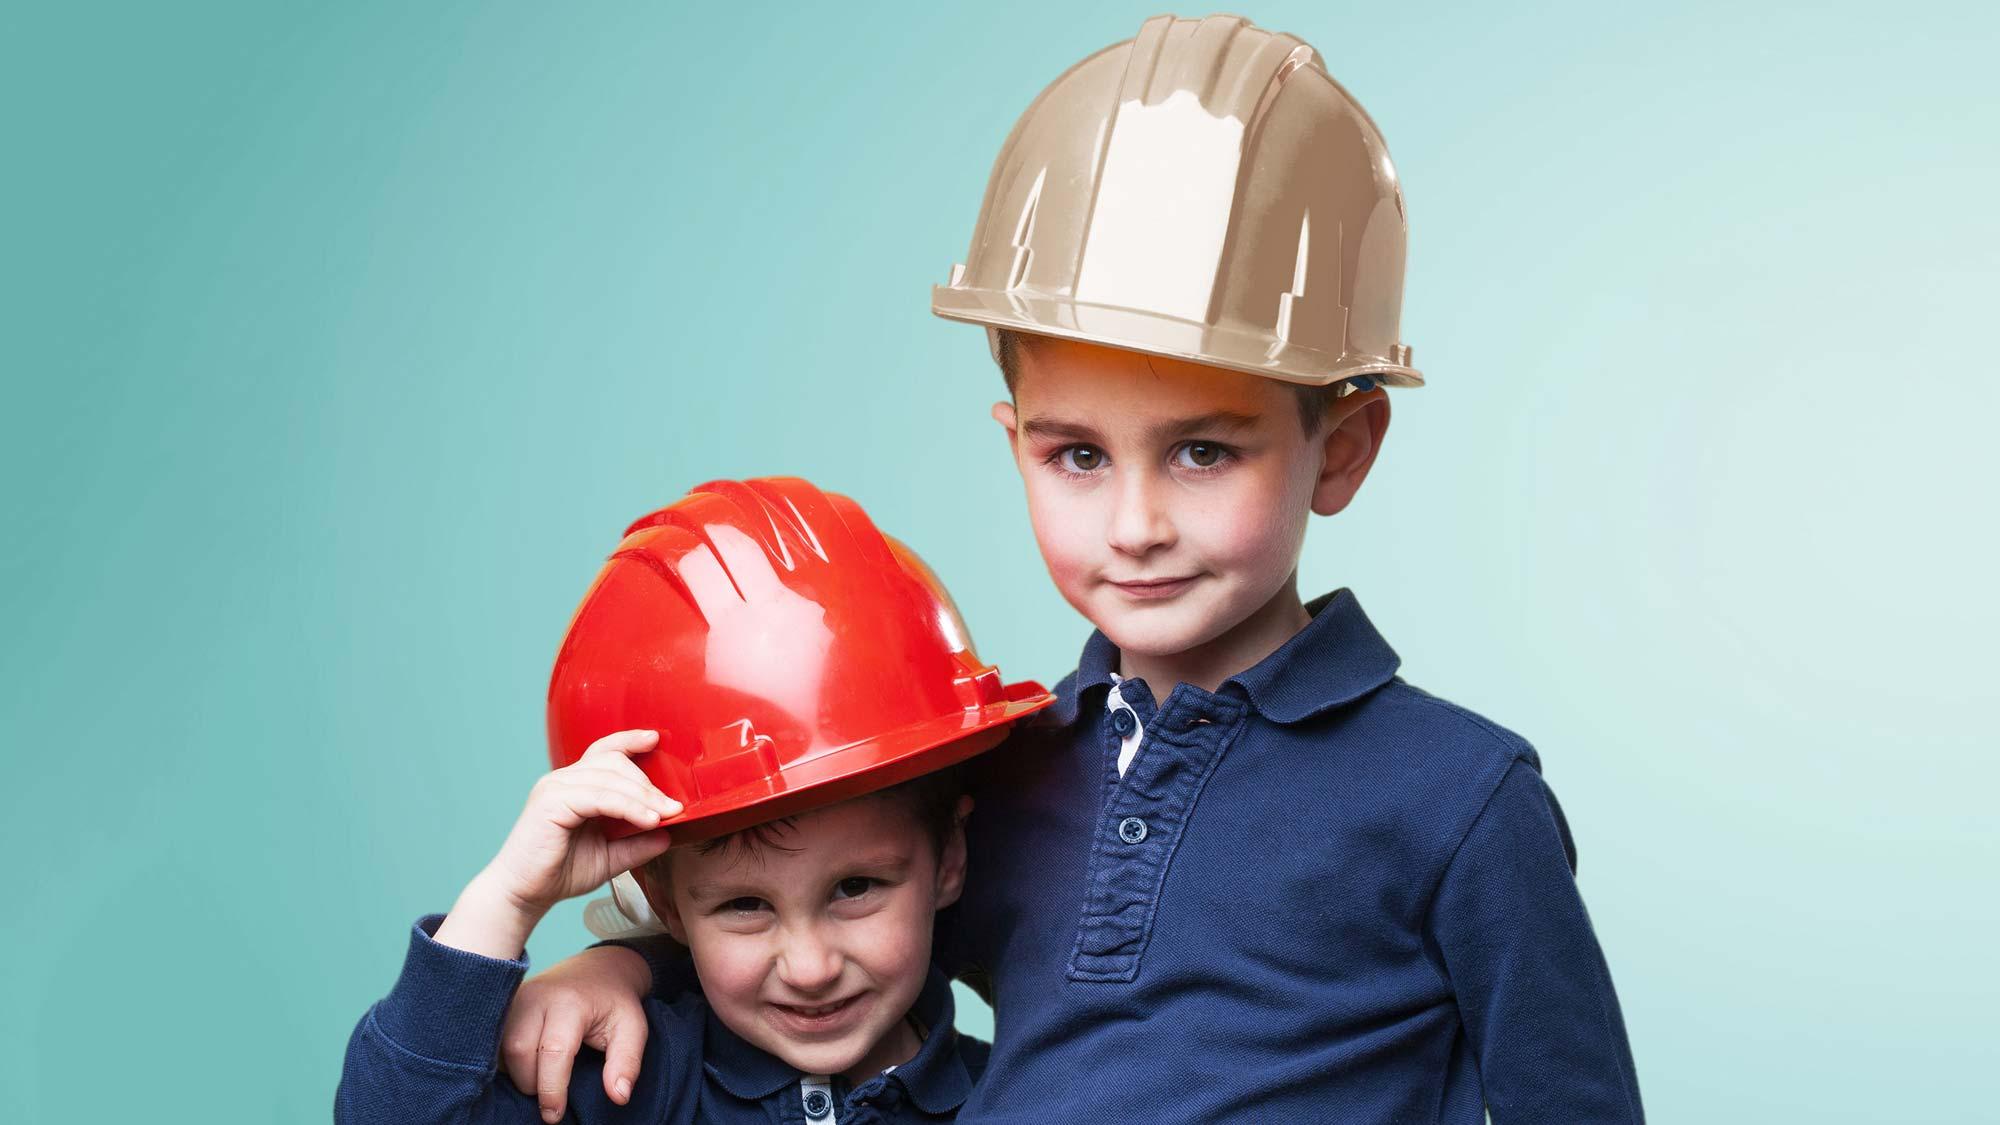 Tappeti antiurto per bambini protezioni scuola codex srl - Protezioni per bambini in casa ...